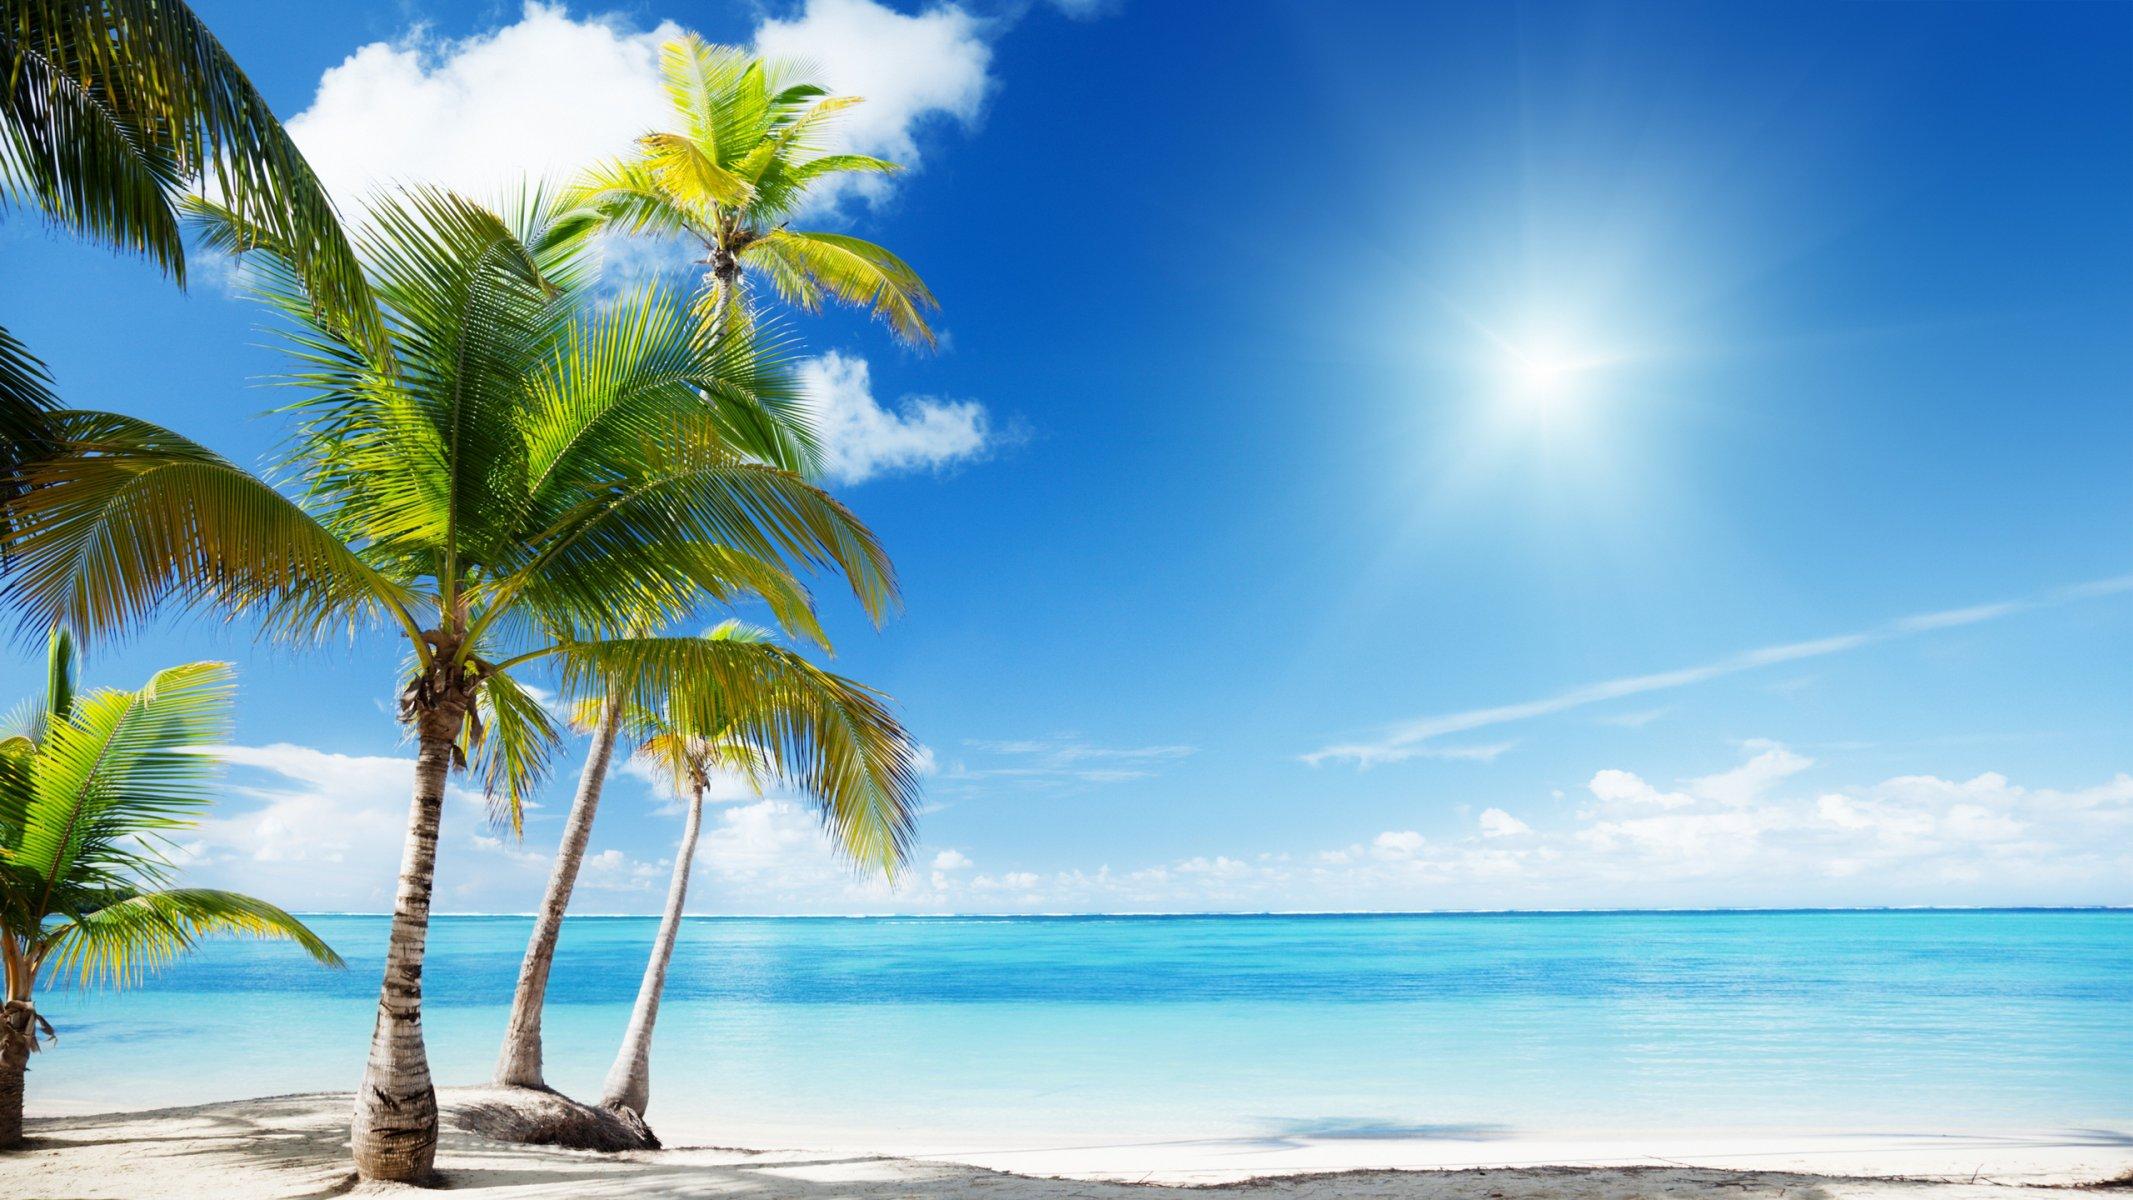 природа песок пляж дома море пальмы  № 3778377 бесплатно